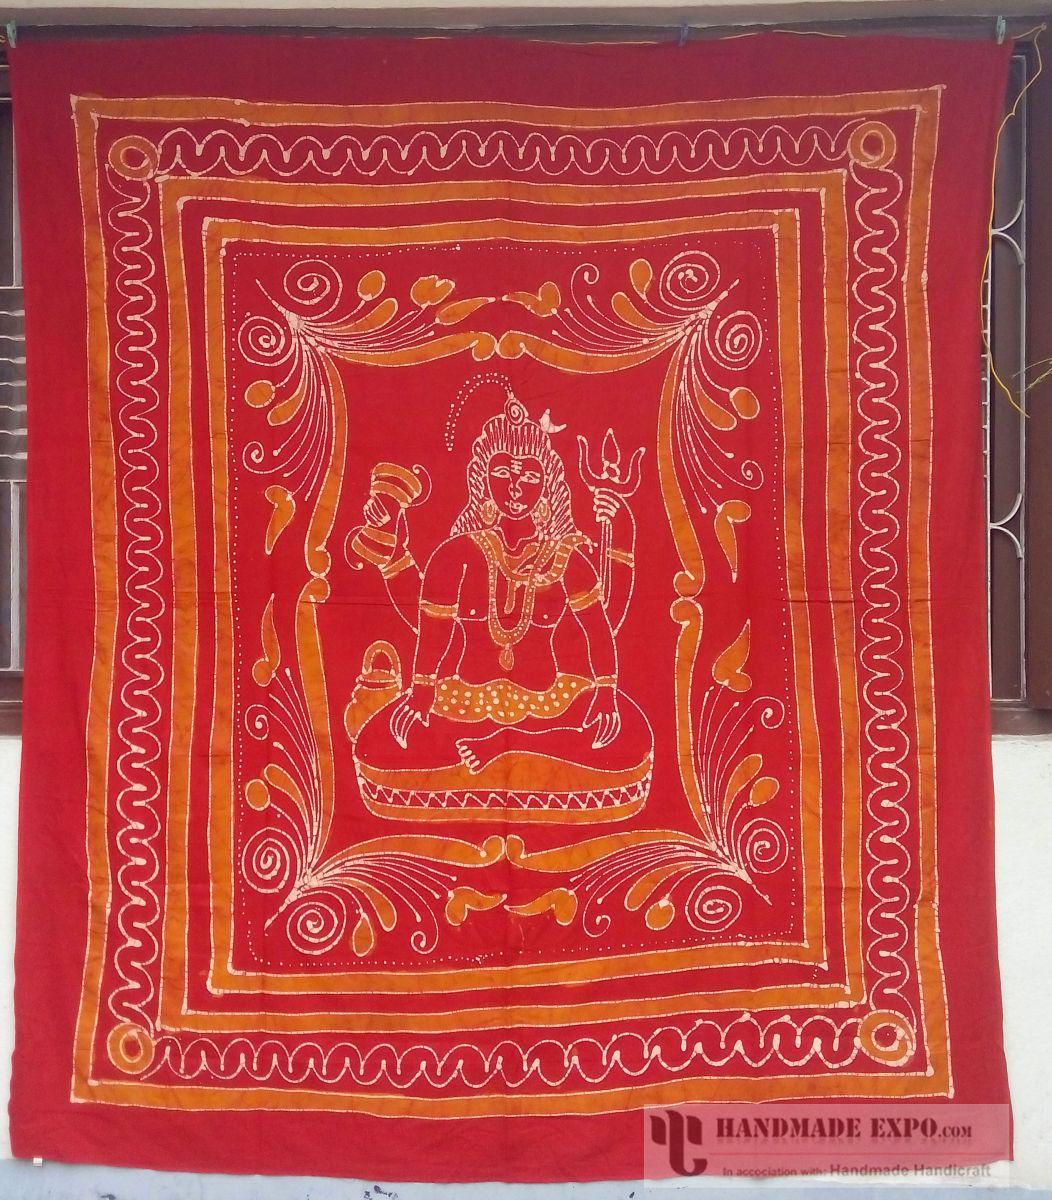 Handmade bed sheets design - Shiva Design Bed Sheet Handmade Handicraft Bed Sheets Bed Sheets Shiva Design Bed Sheet Cotton